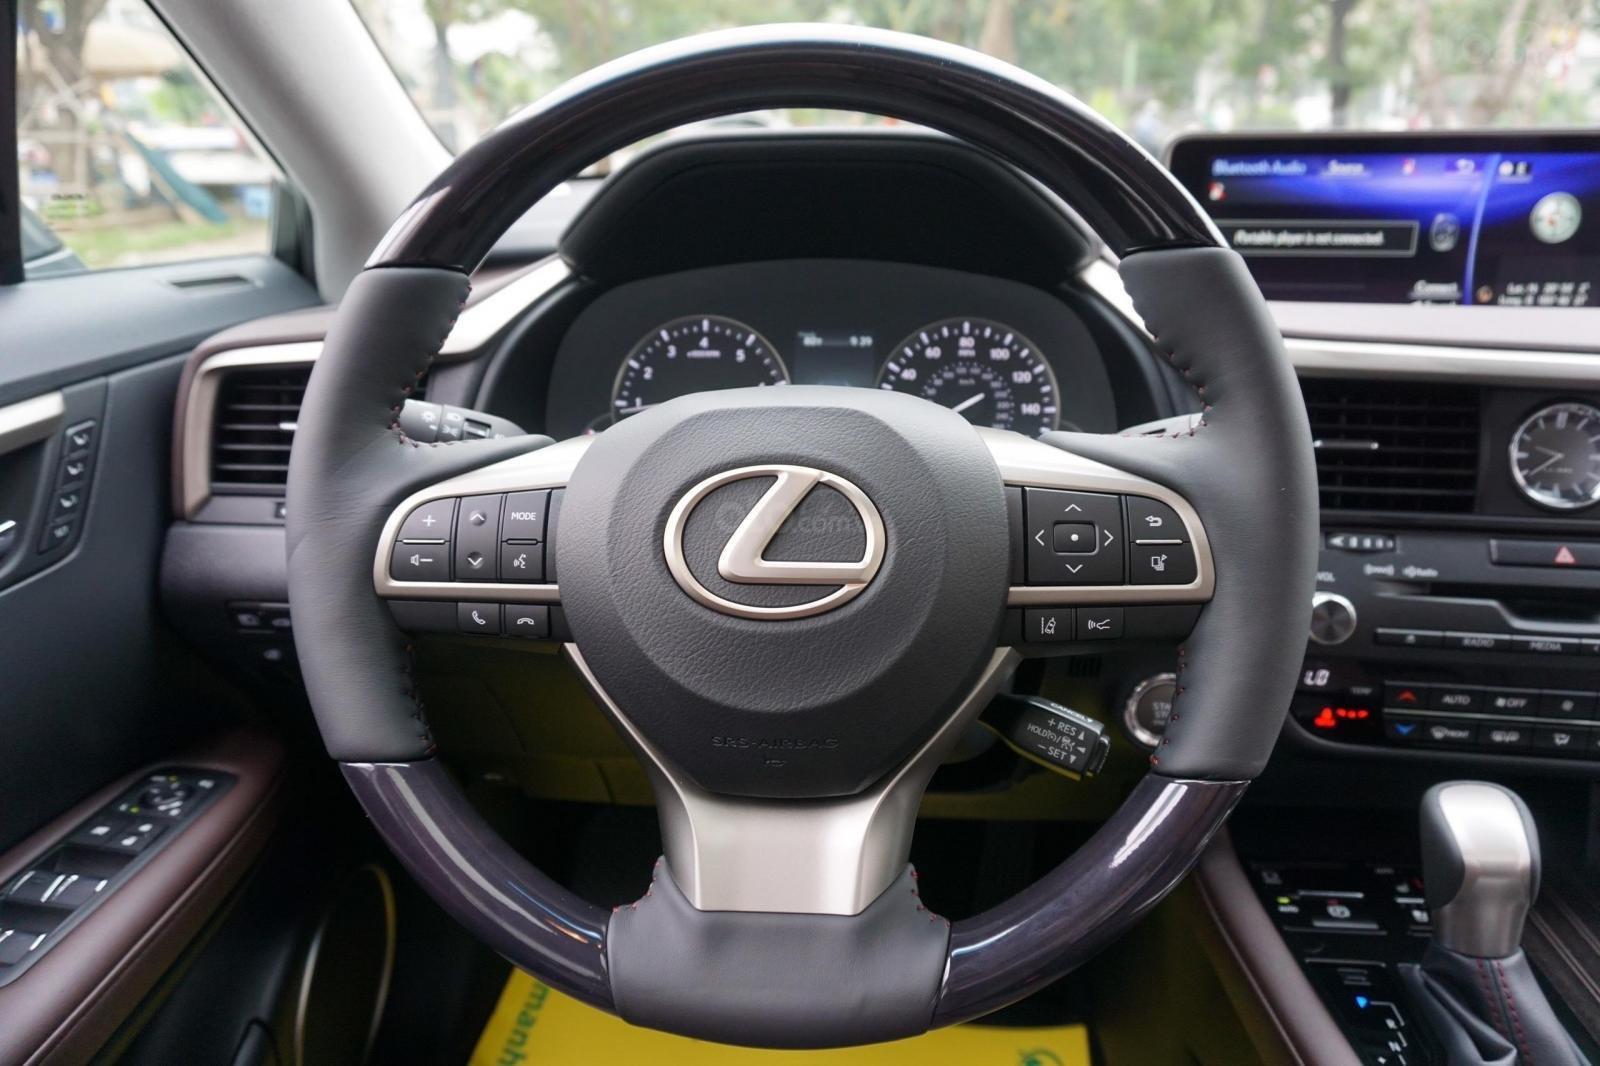 Bán ô tô Lexus RX 350 SX 2019, xe nhập Mỹ full kịch options, giá tốt, giao ngay toàn quốc, LH 093.996.2368 Ms Ngọc Vy (18)